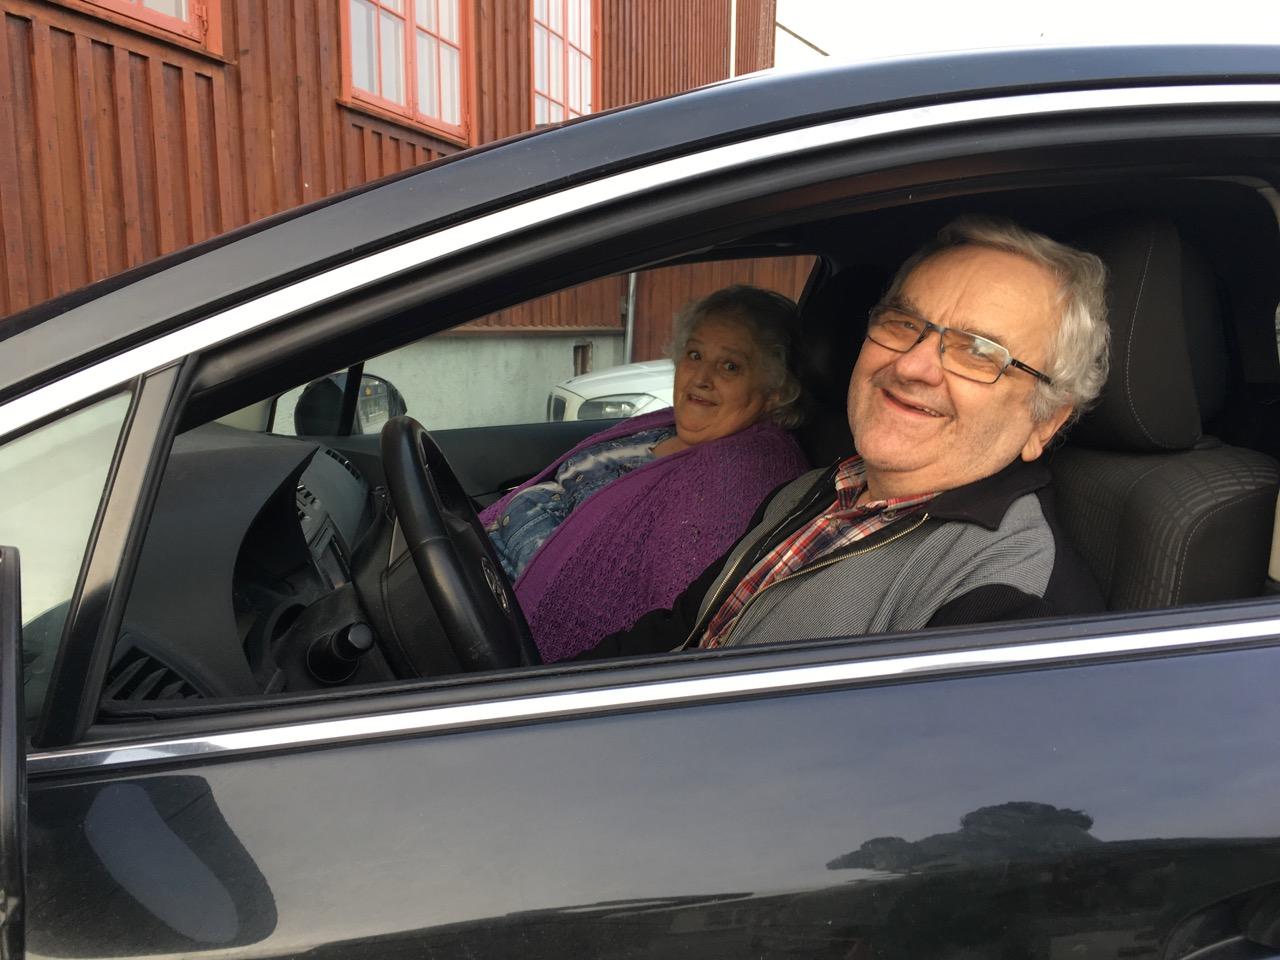 PRIVATSJÅFØRER: Terje og Reidun Vasstveit kjører gjerne ut påfyll med Gatemagasinet Asfalt til selgerne. (Foto: Merethe Aanestad)